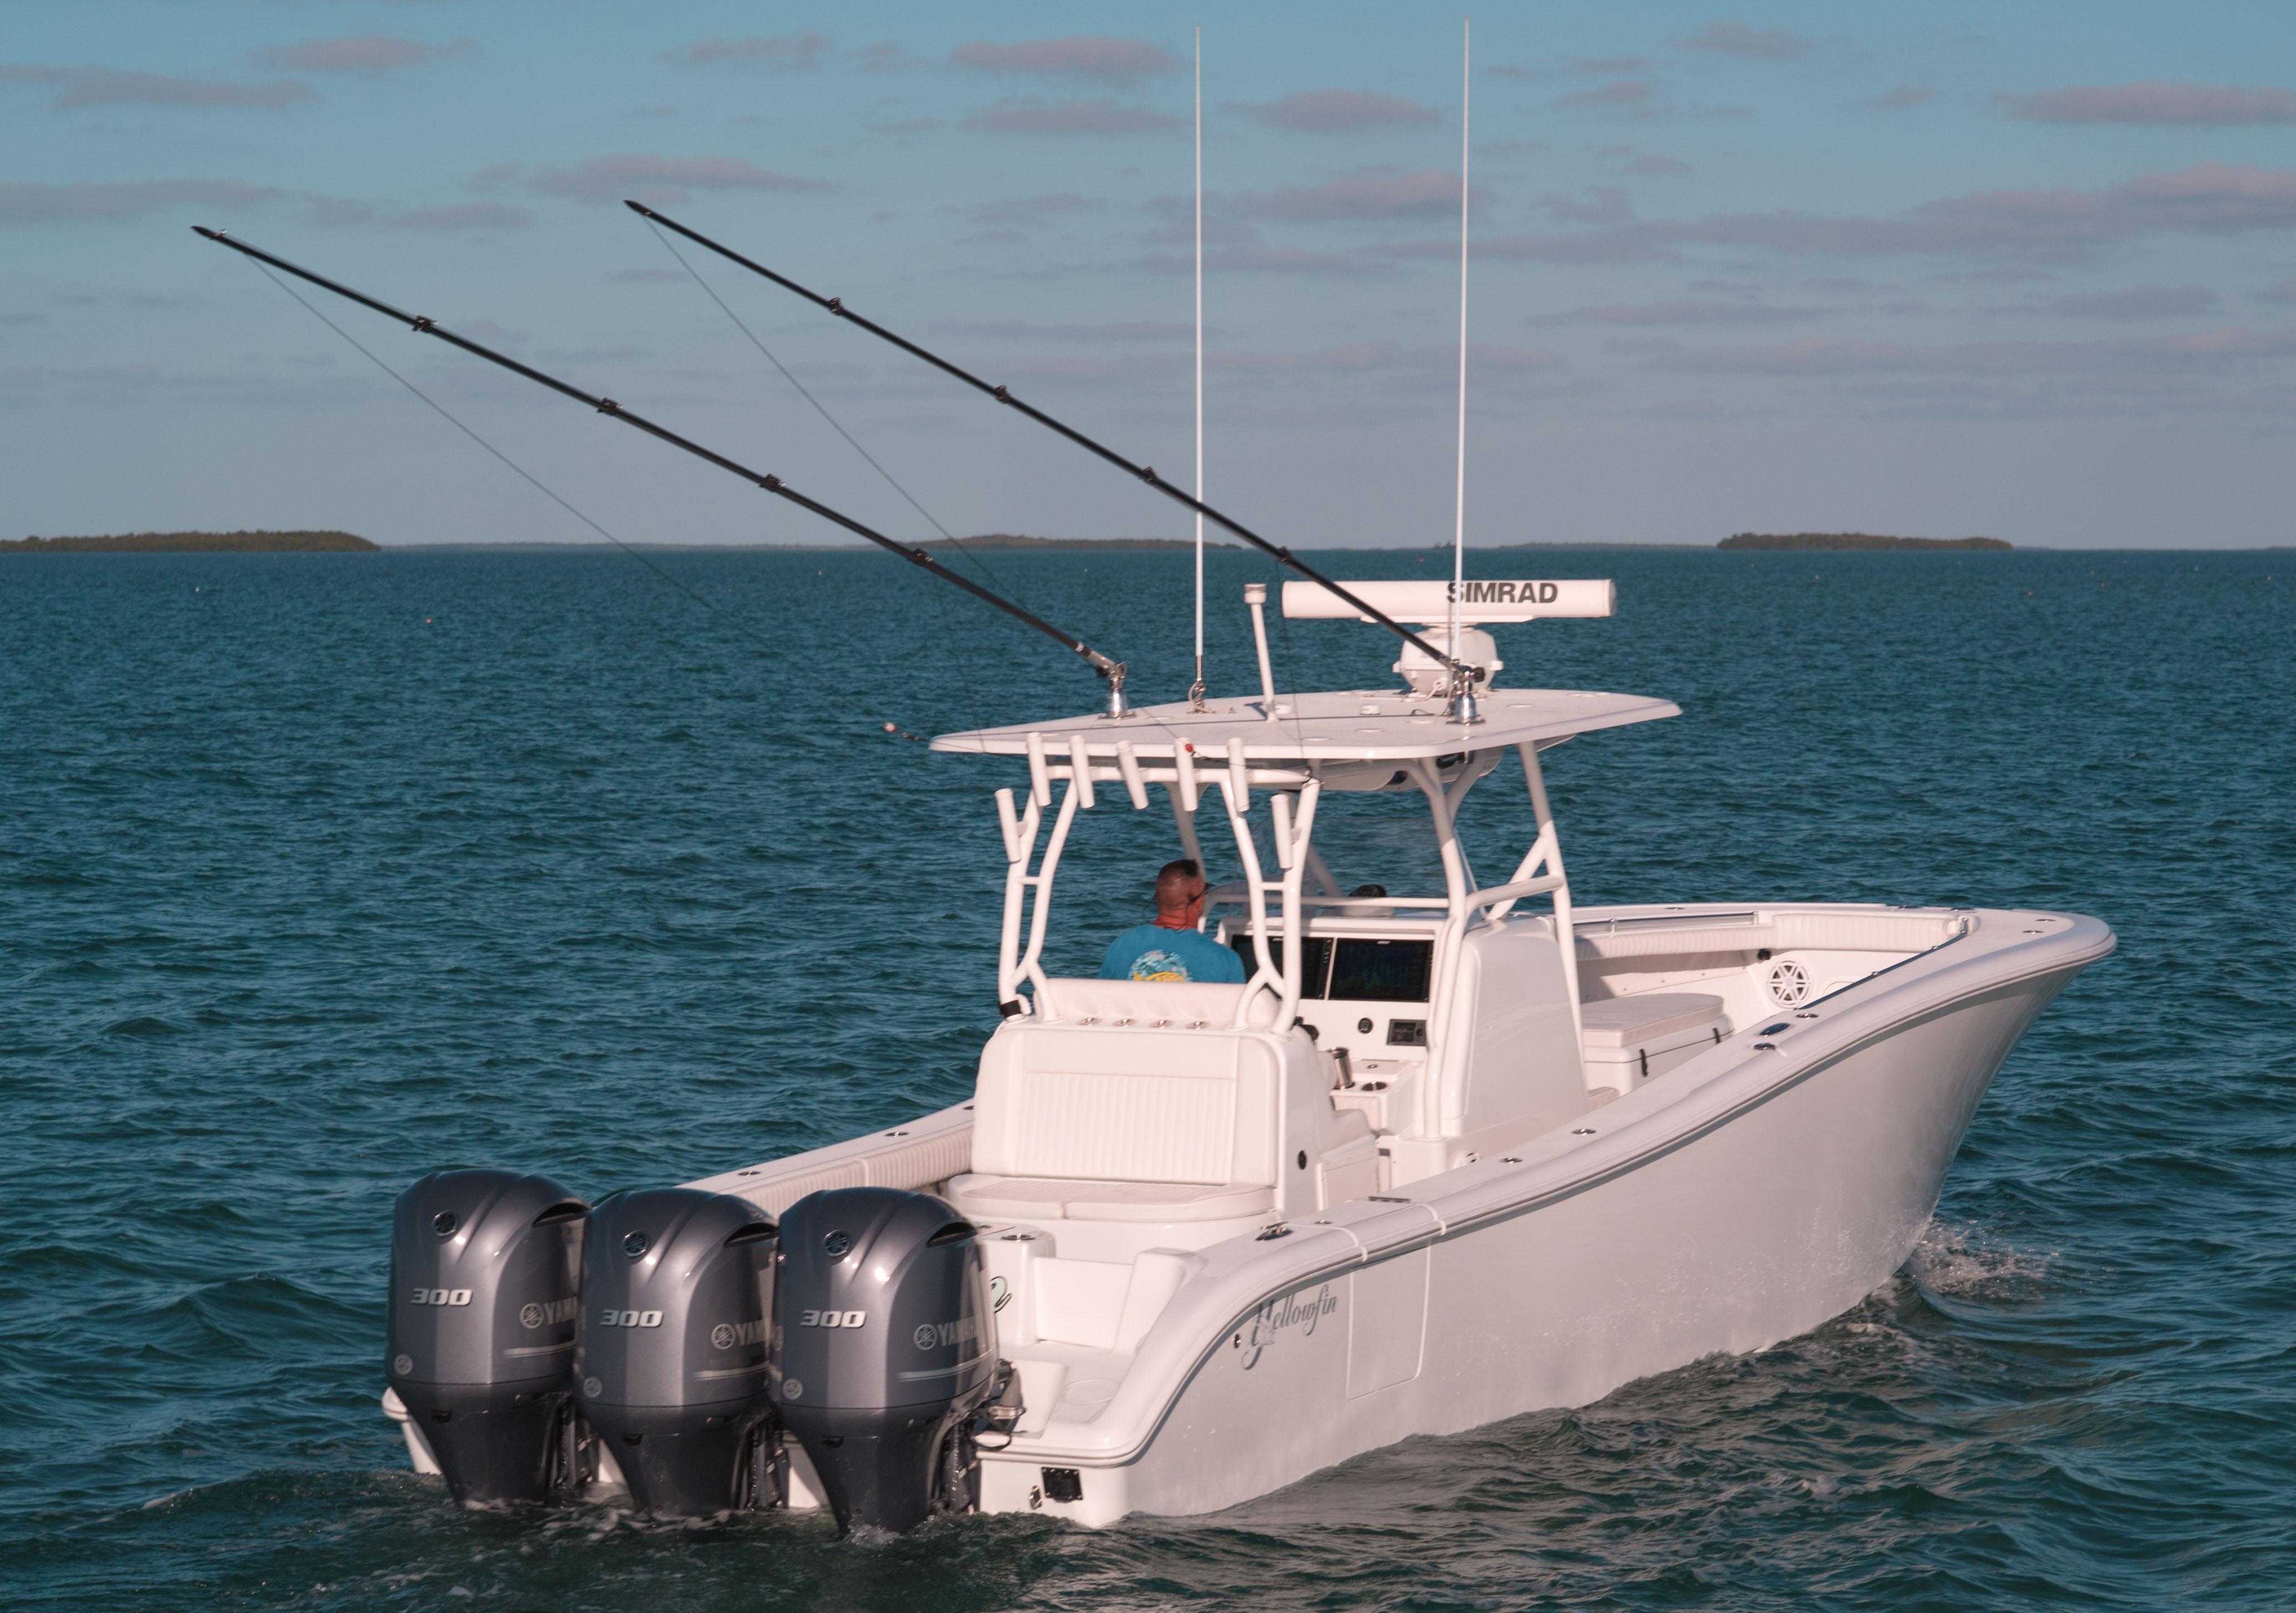 Yellowfin 36 Center Conosle